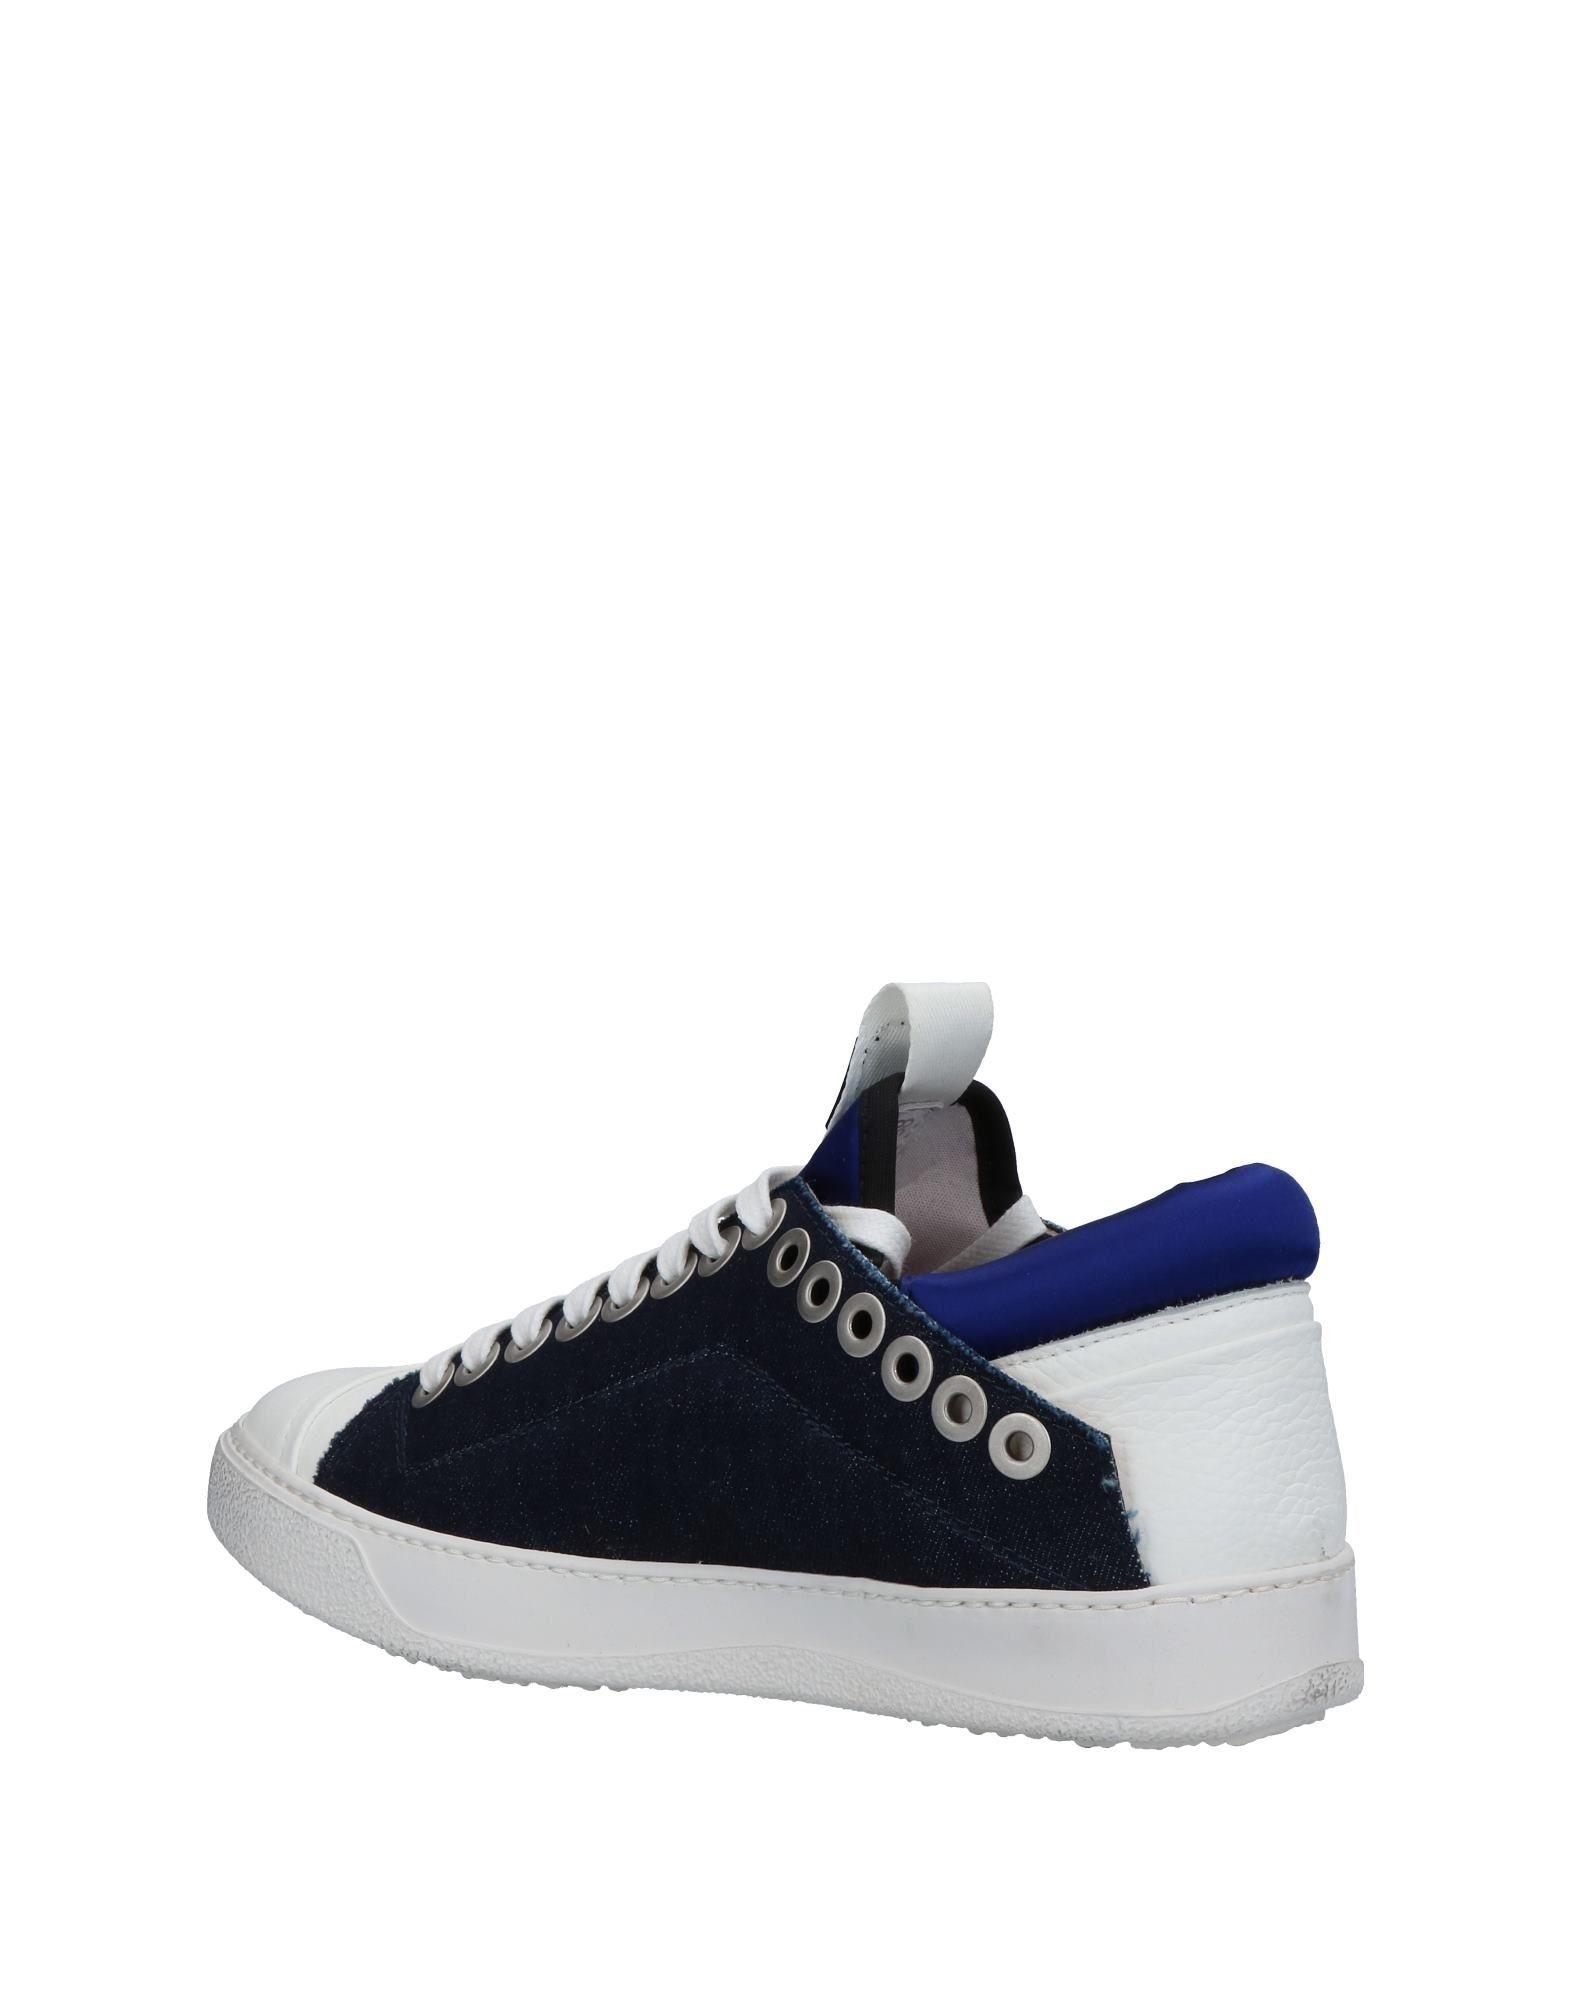 Stilvolle Bordese billige Schuhe Bruno Bordese Stilvolle Sneakers Damen  11380001MH 22e3d7